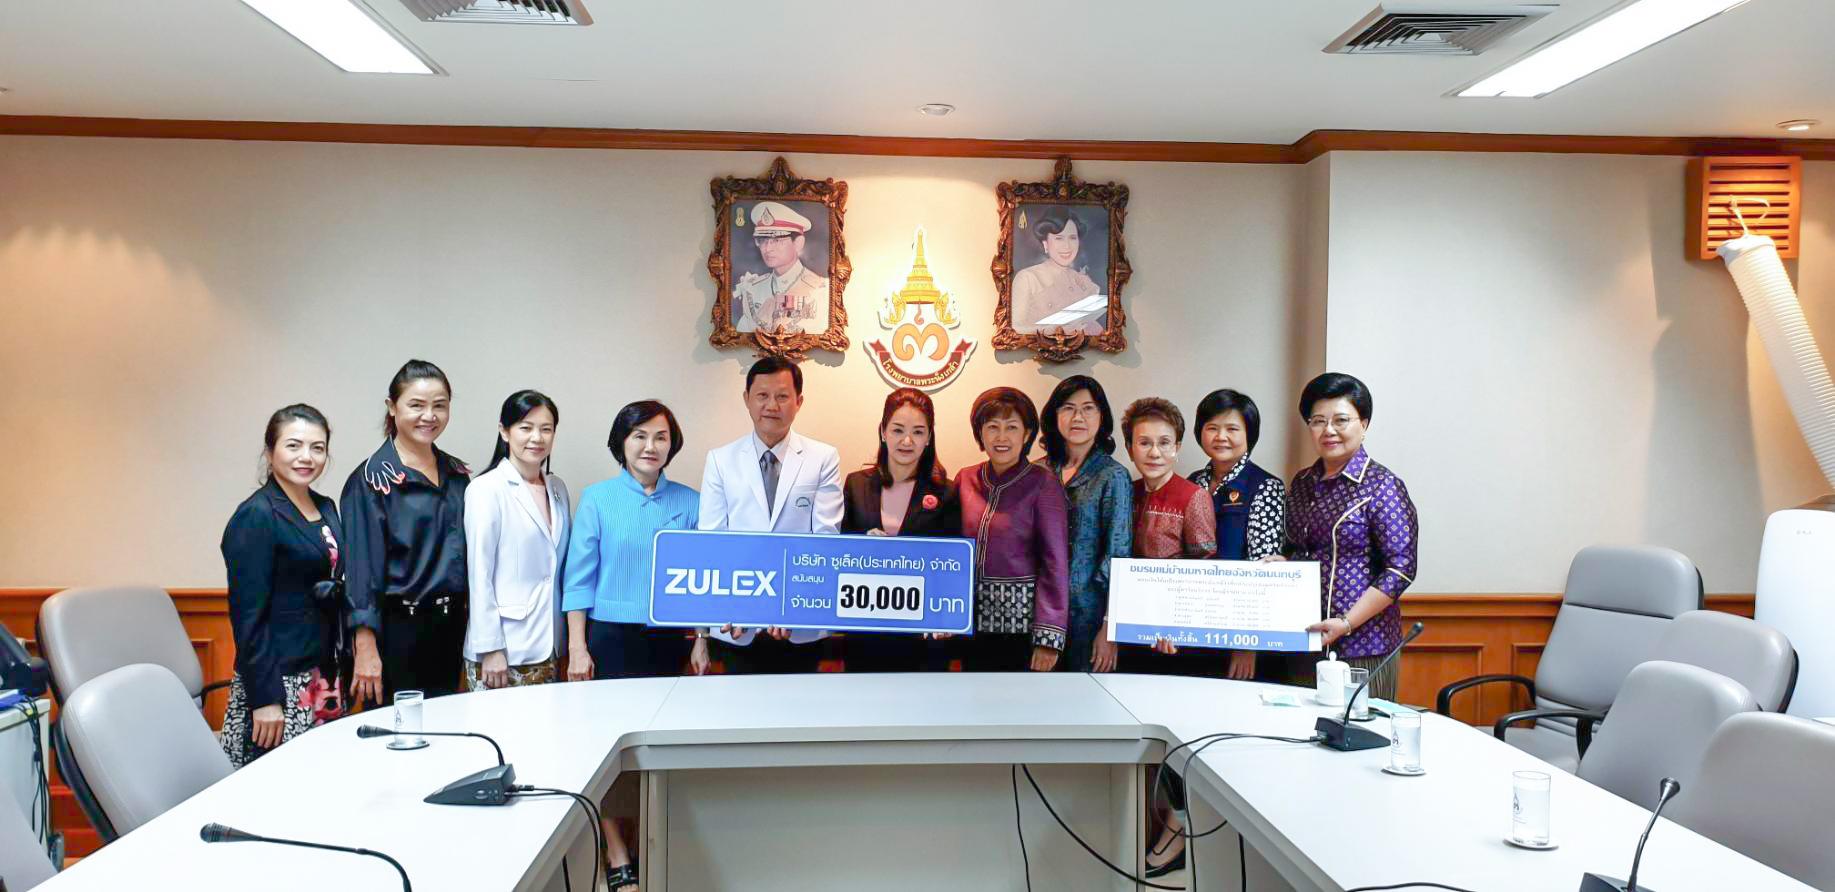 ผู้บริหาร บริษัท ซูเล็ค(ประเทศไทย)จำกัด มอบเงิน เพื่อเป็นสาธารณะประโยชน์แก่ โรงพยาบาลพระนั่งเกล้า